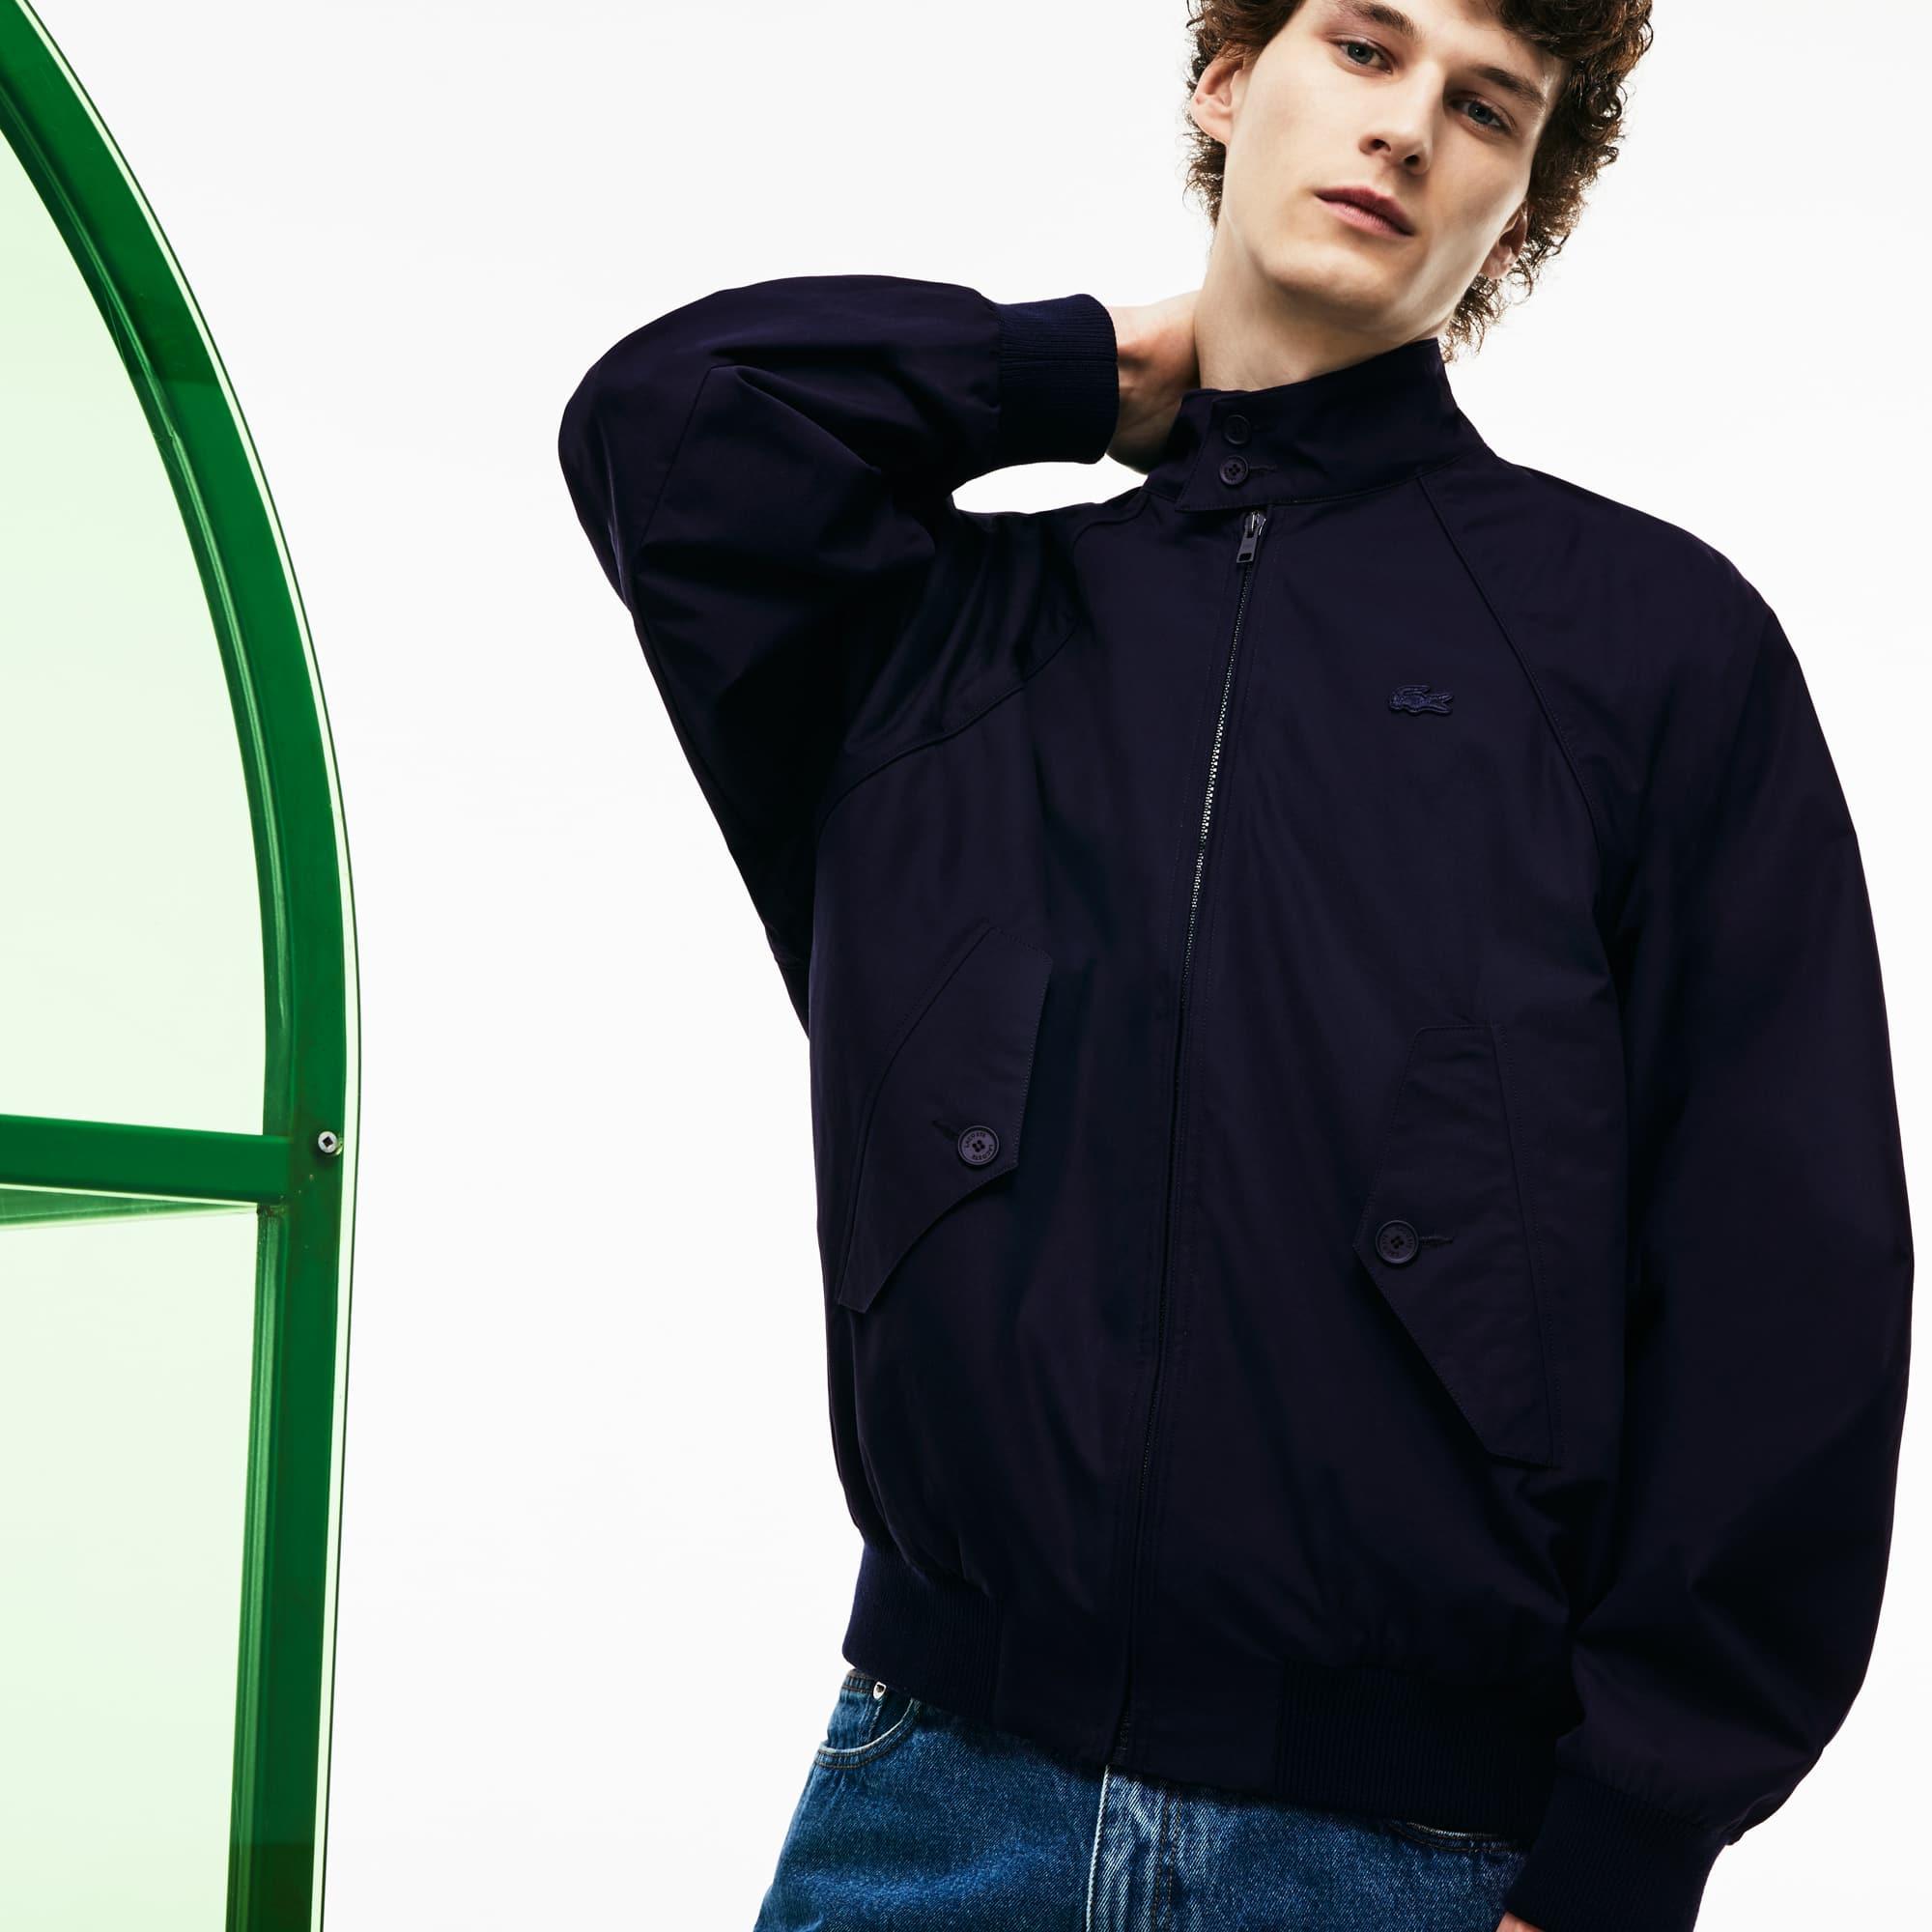 Herren oversized Jacke aus Canvas aus der Fashion Show Kollektion